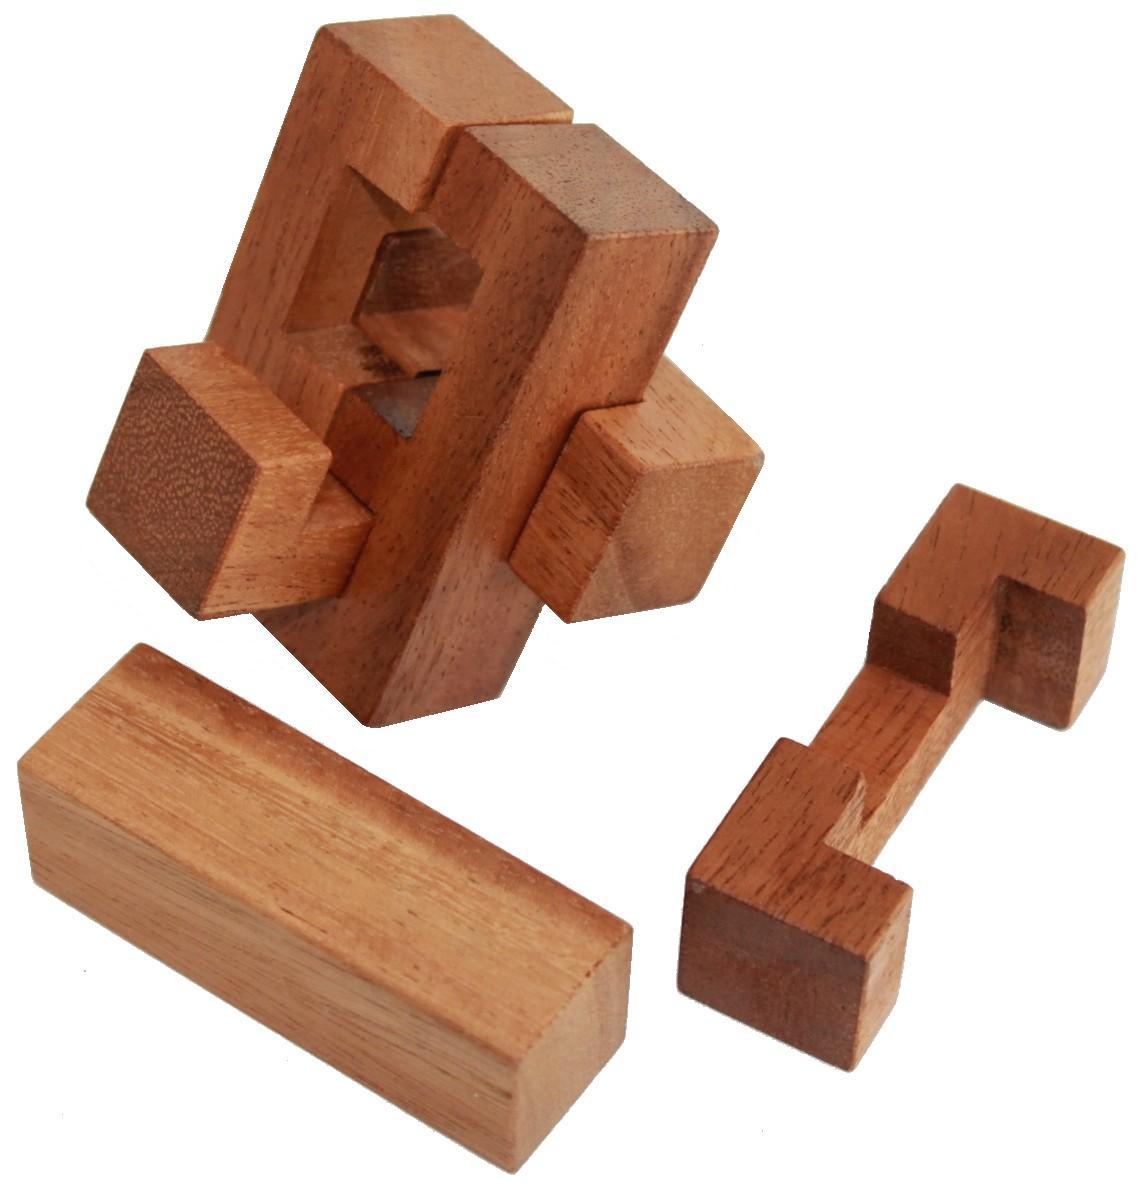 Puzzle 6 pi u00e8ces JBD Casse tetes en bois # Casse Tete En Bois Solution Croix De Charpentier